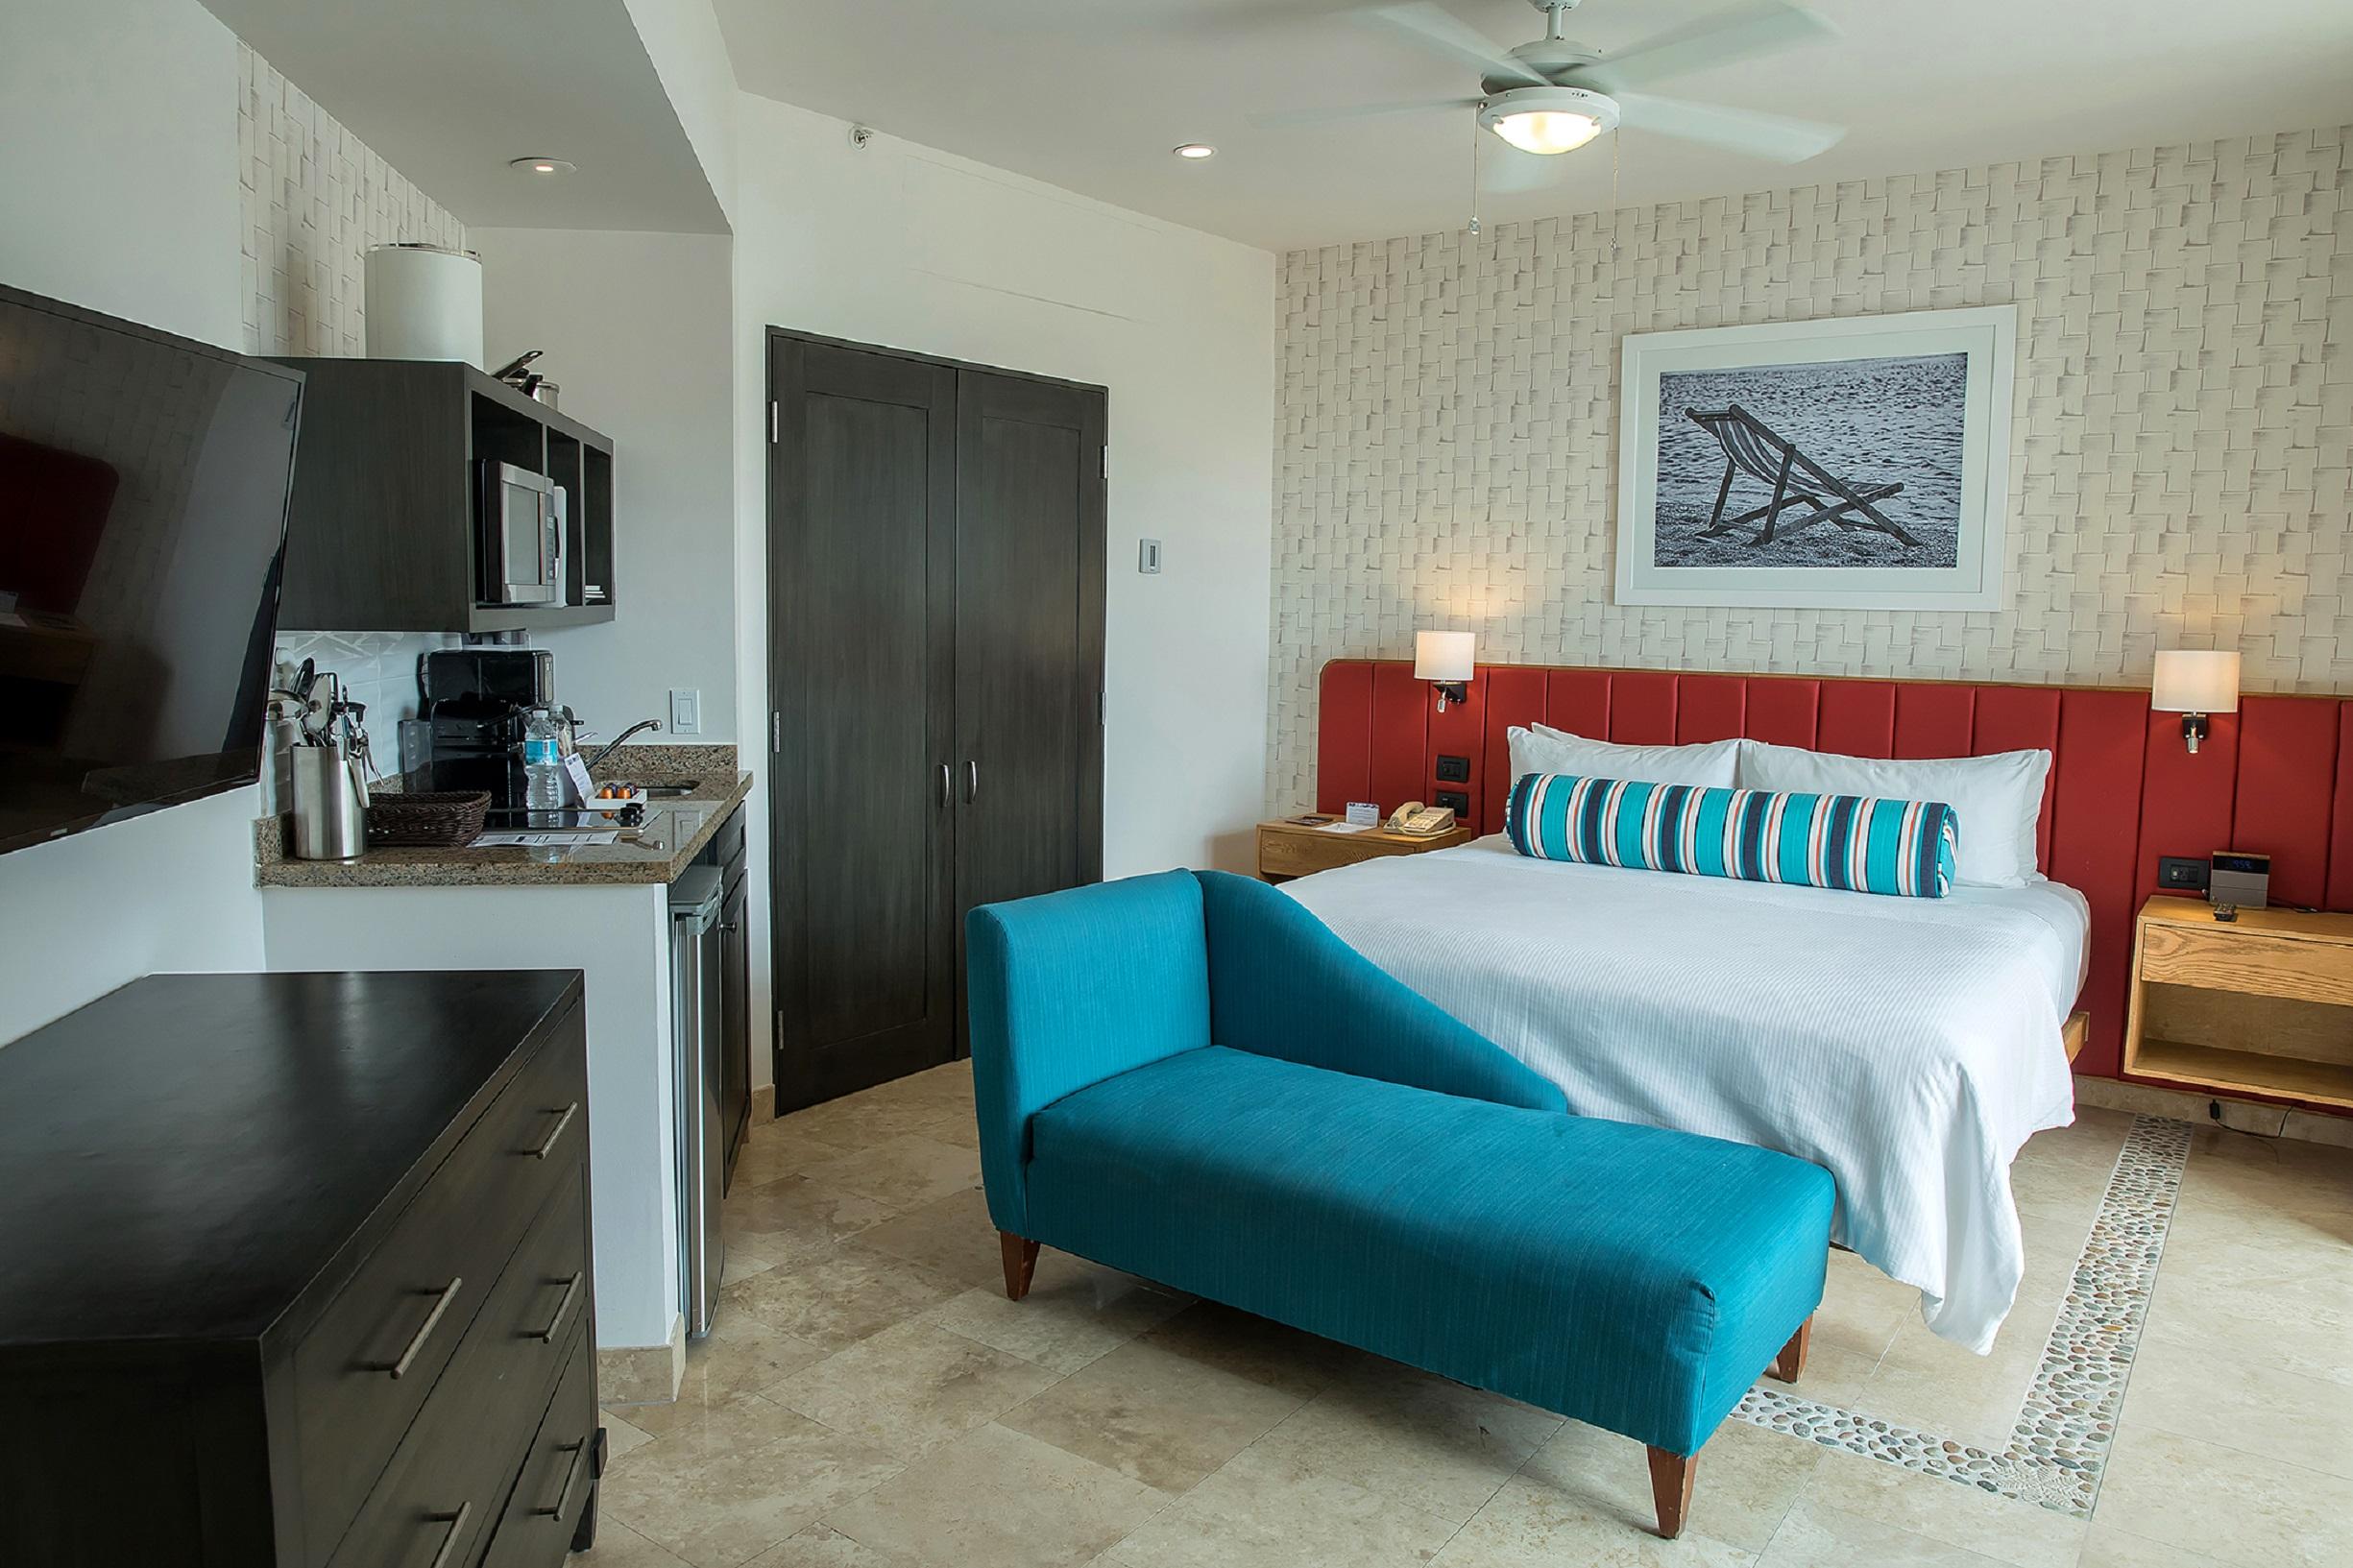 Suite mit 1 Kingsize-Bett im Herzen von Cabo Medan  in Mittelamerika und Karibik